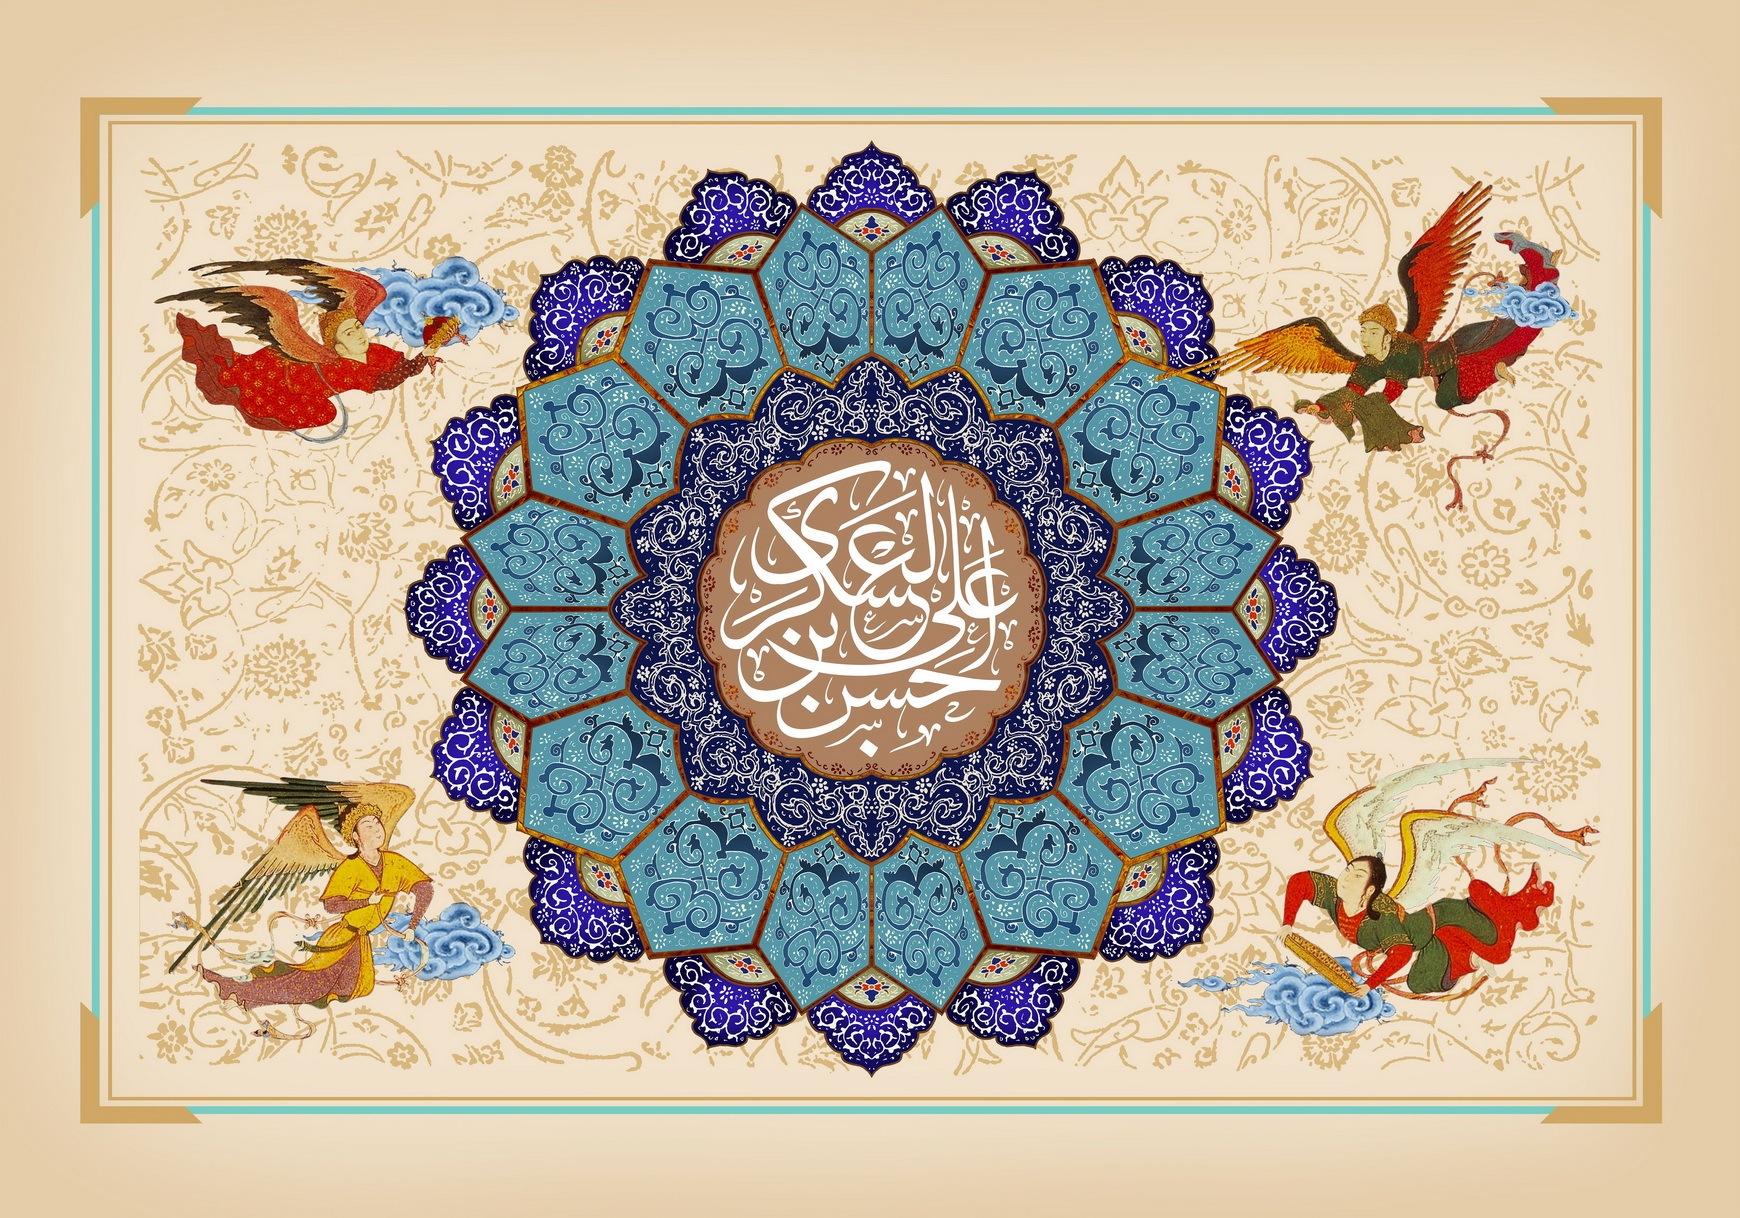 جدیدترین والپیپرها به مناسبت ولادت یازدهمین پیشوای شیعیان